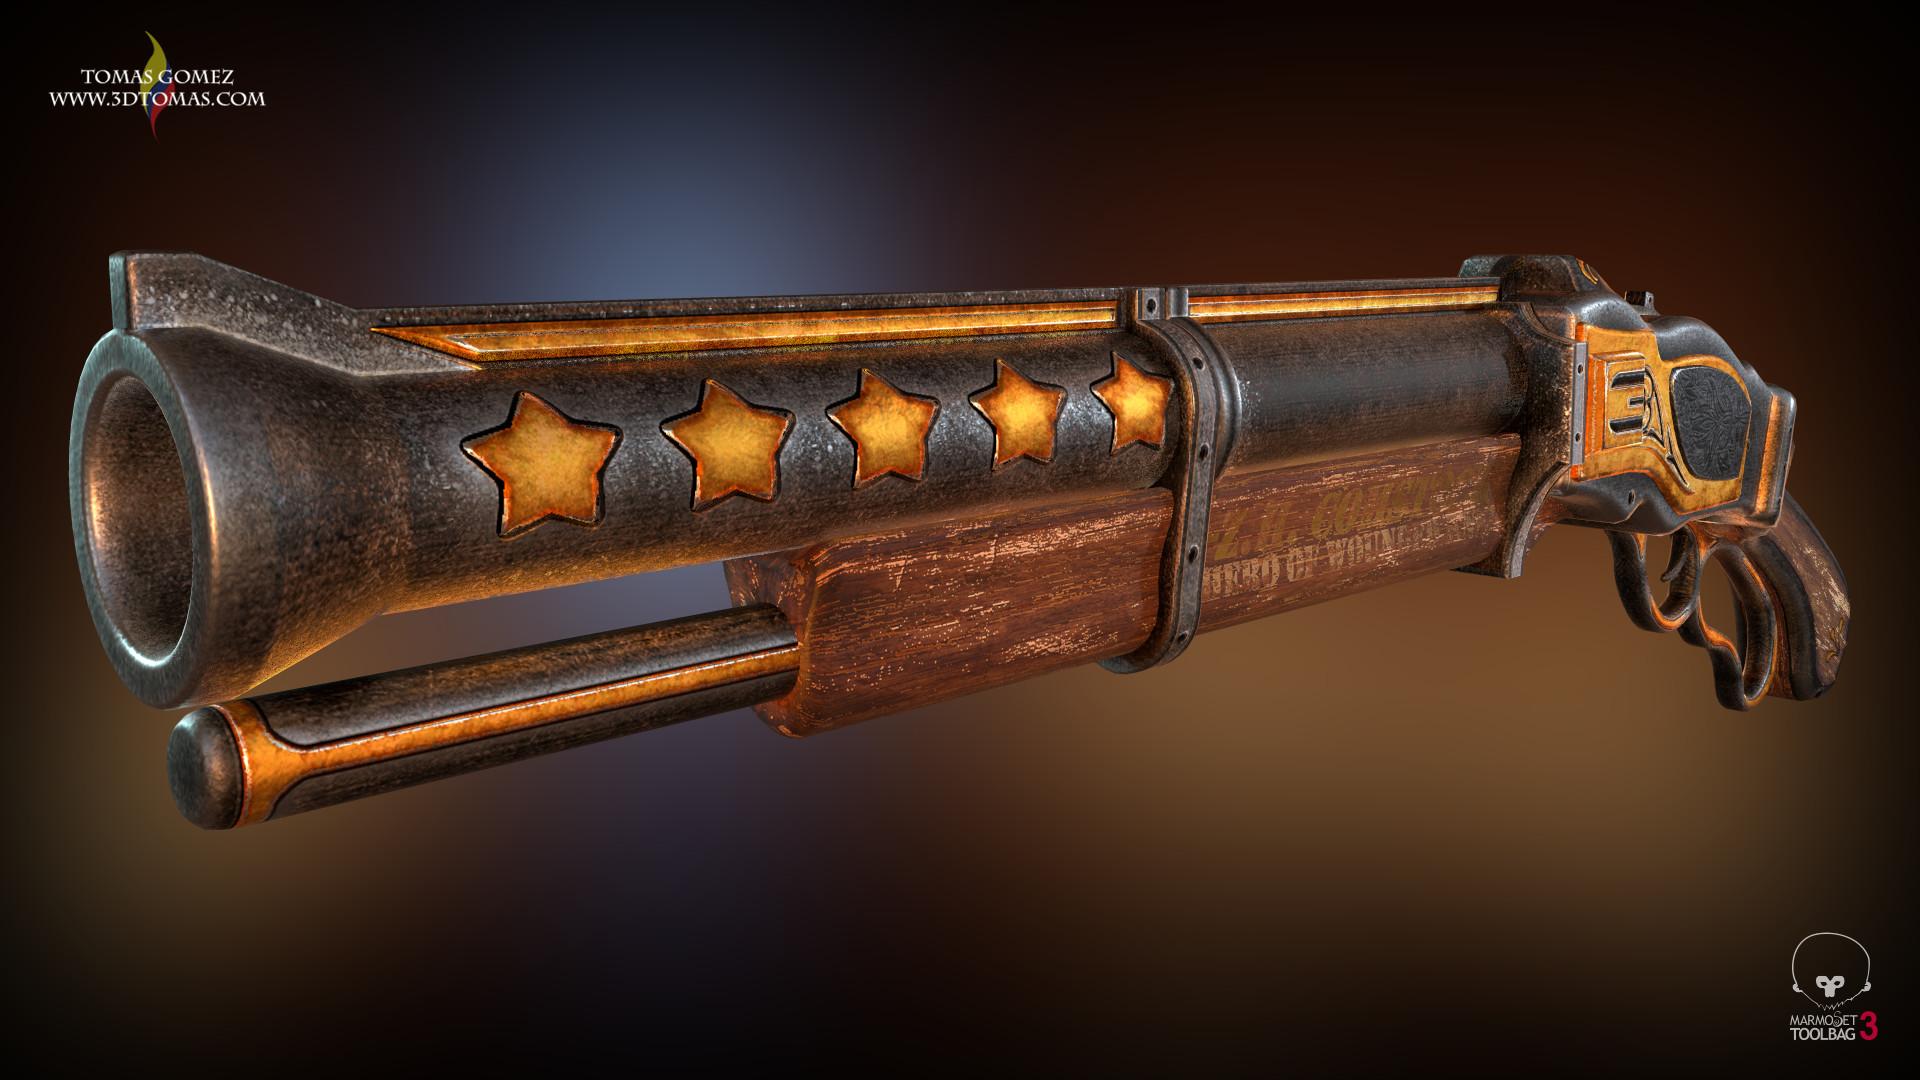 Tomas gomez shotgun3